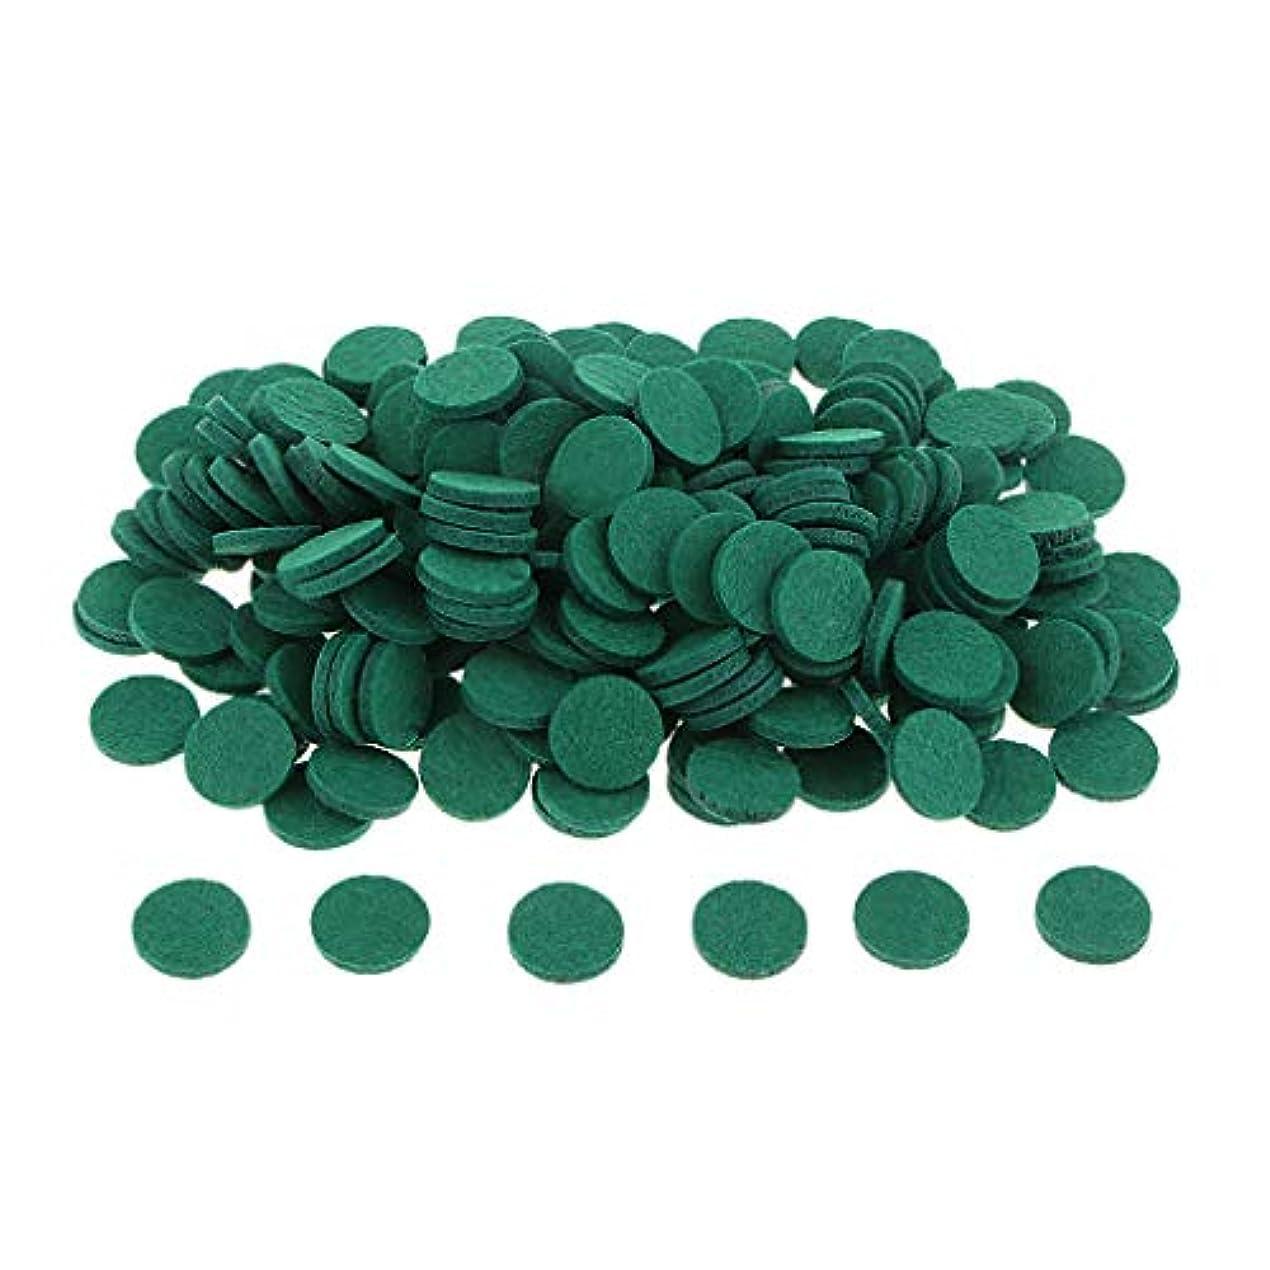 メロドラマティックペックバスルームgazechimp 約200個入り 詰め替えパッド アロマオイルパッド パッド 詰め替え エッセンシャルオイル 部屋 全11色 - 緑